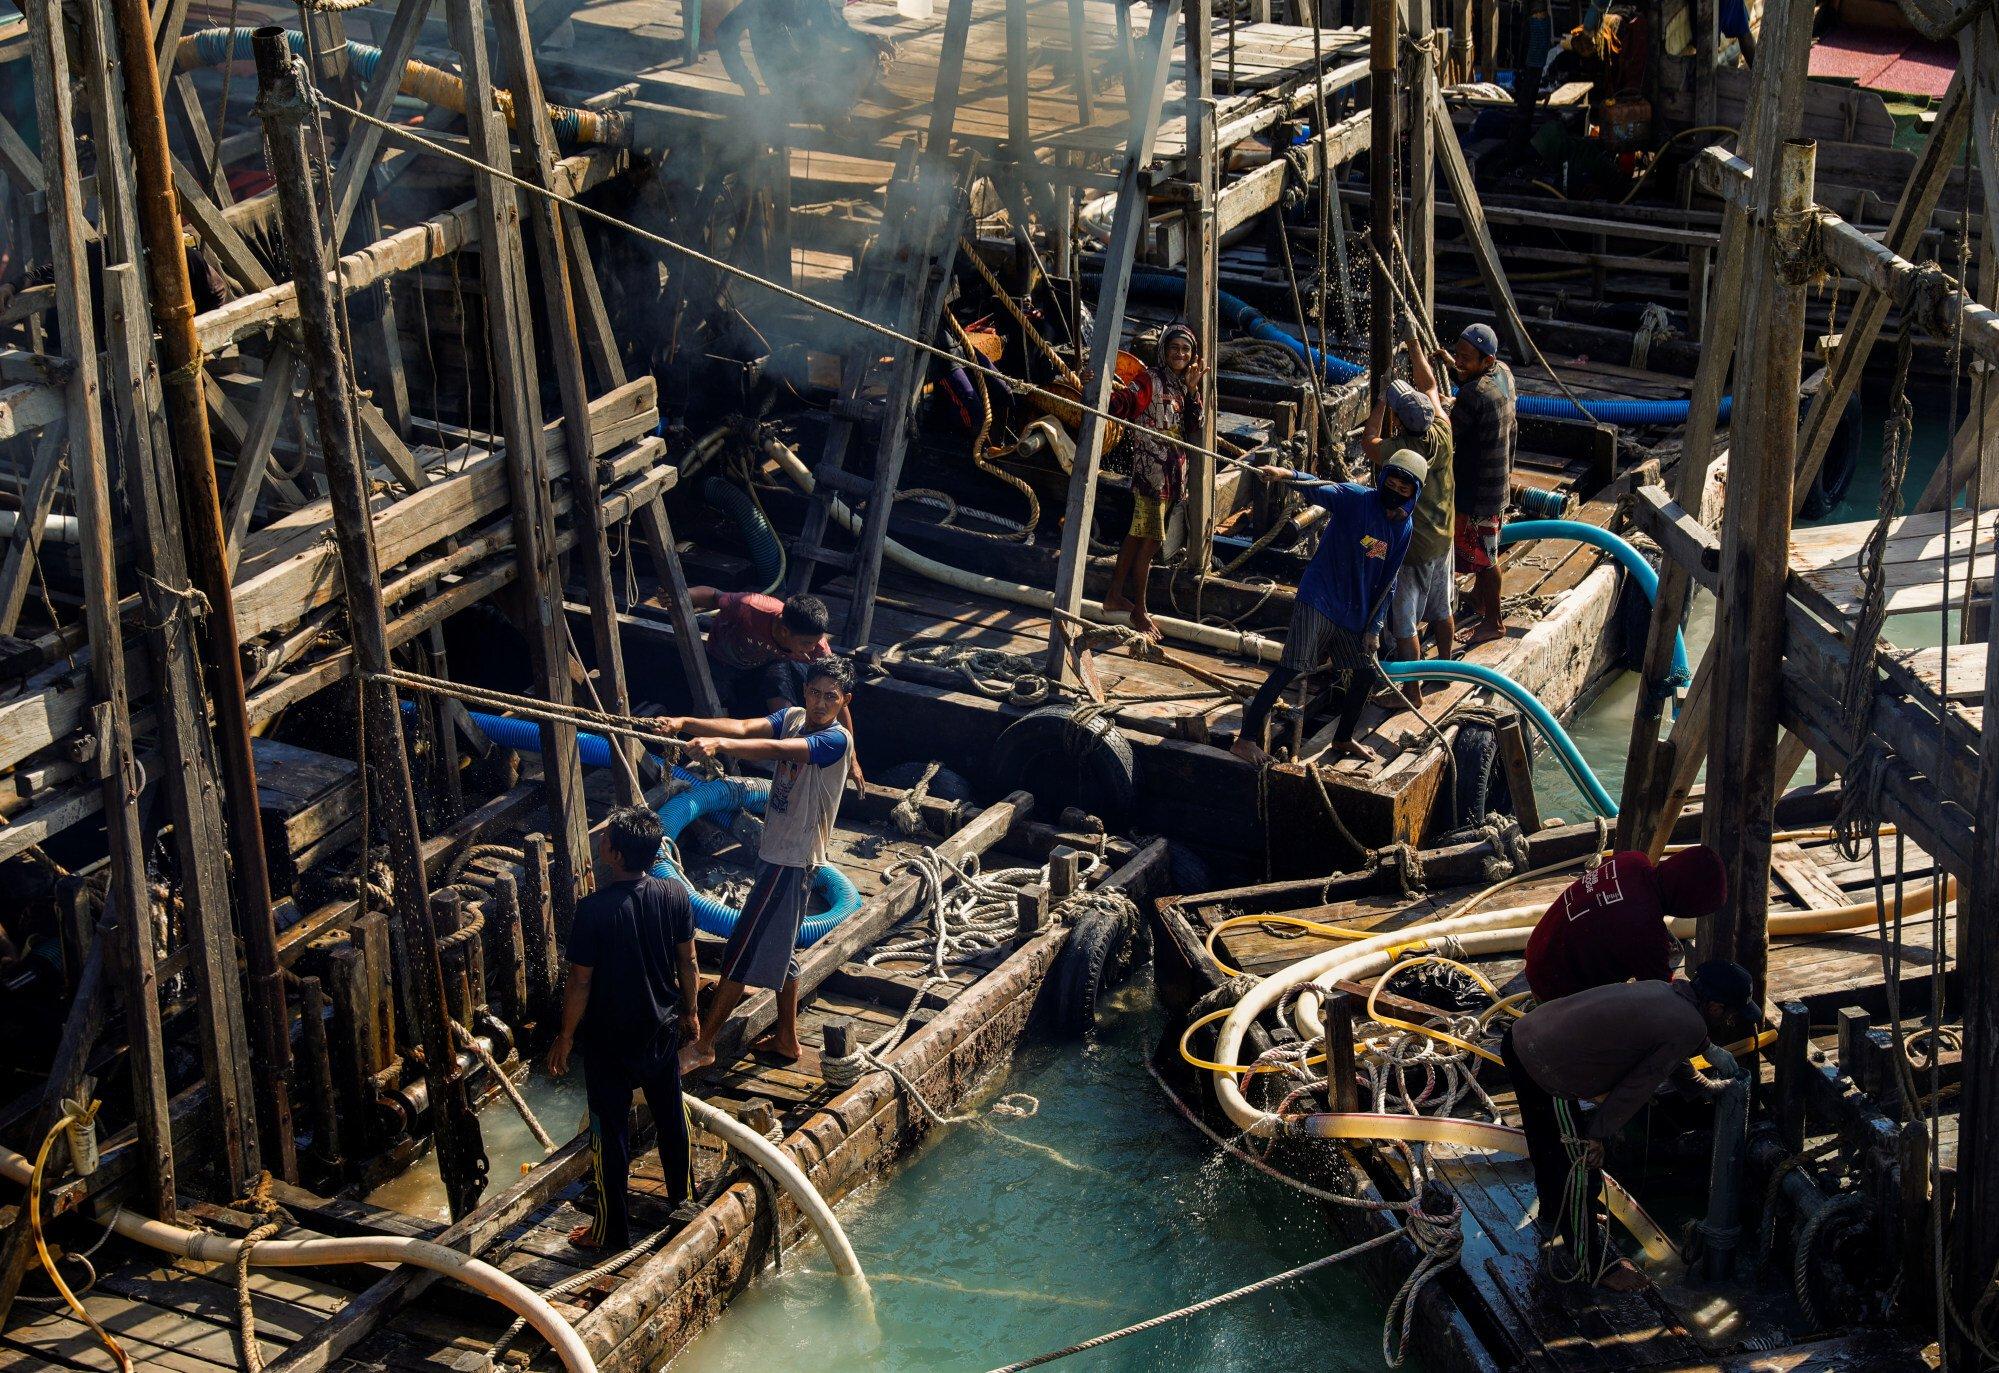 Pertambangan mineral dan batubara merupakan industri penting di Indonesia  File foto Reuters